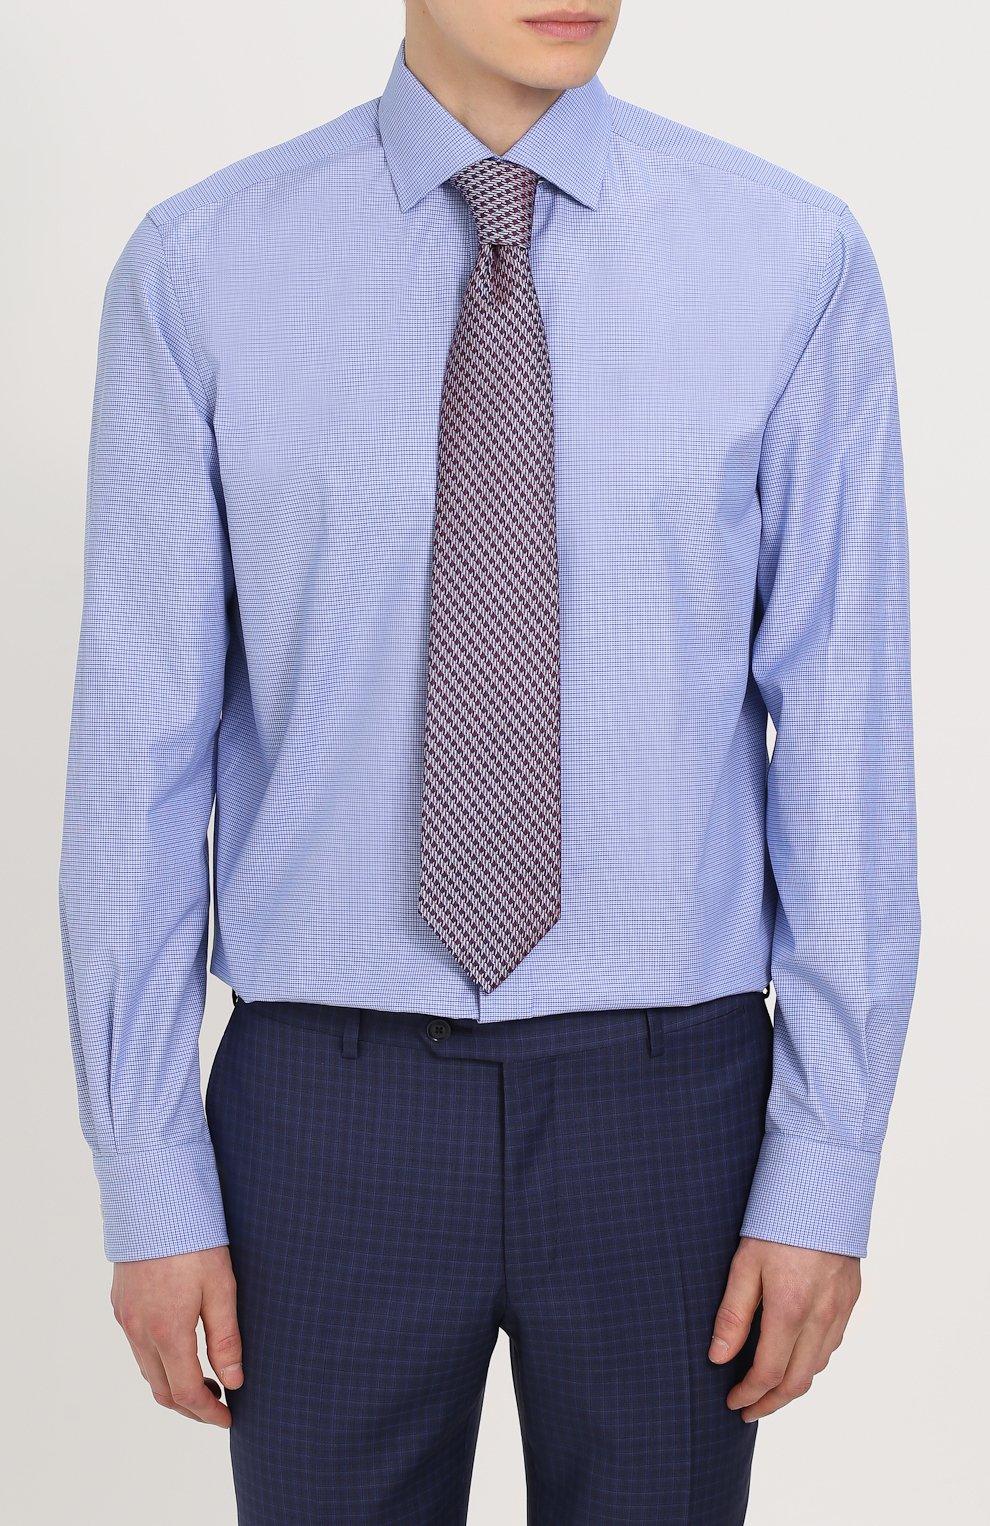 ab475d2532f Мужские рубашки Ralph Lauren по цене от 25 100 руб. купить в  интернет-магазине ЦУМ